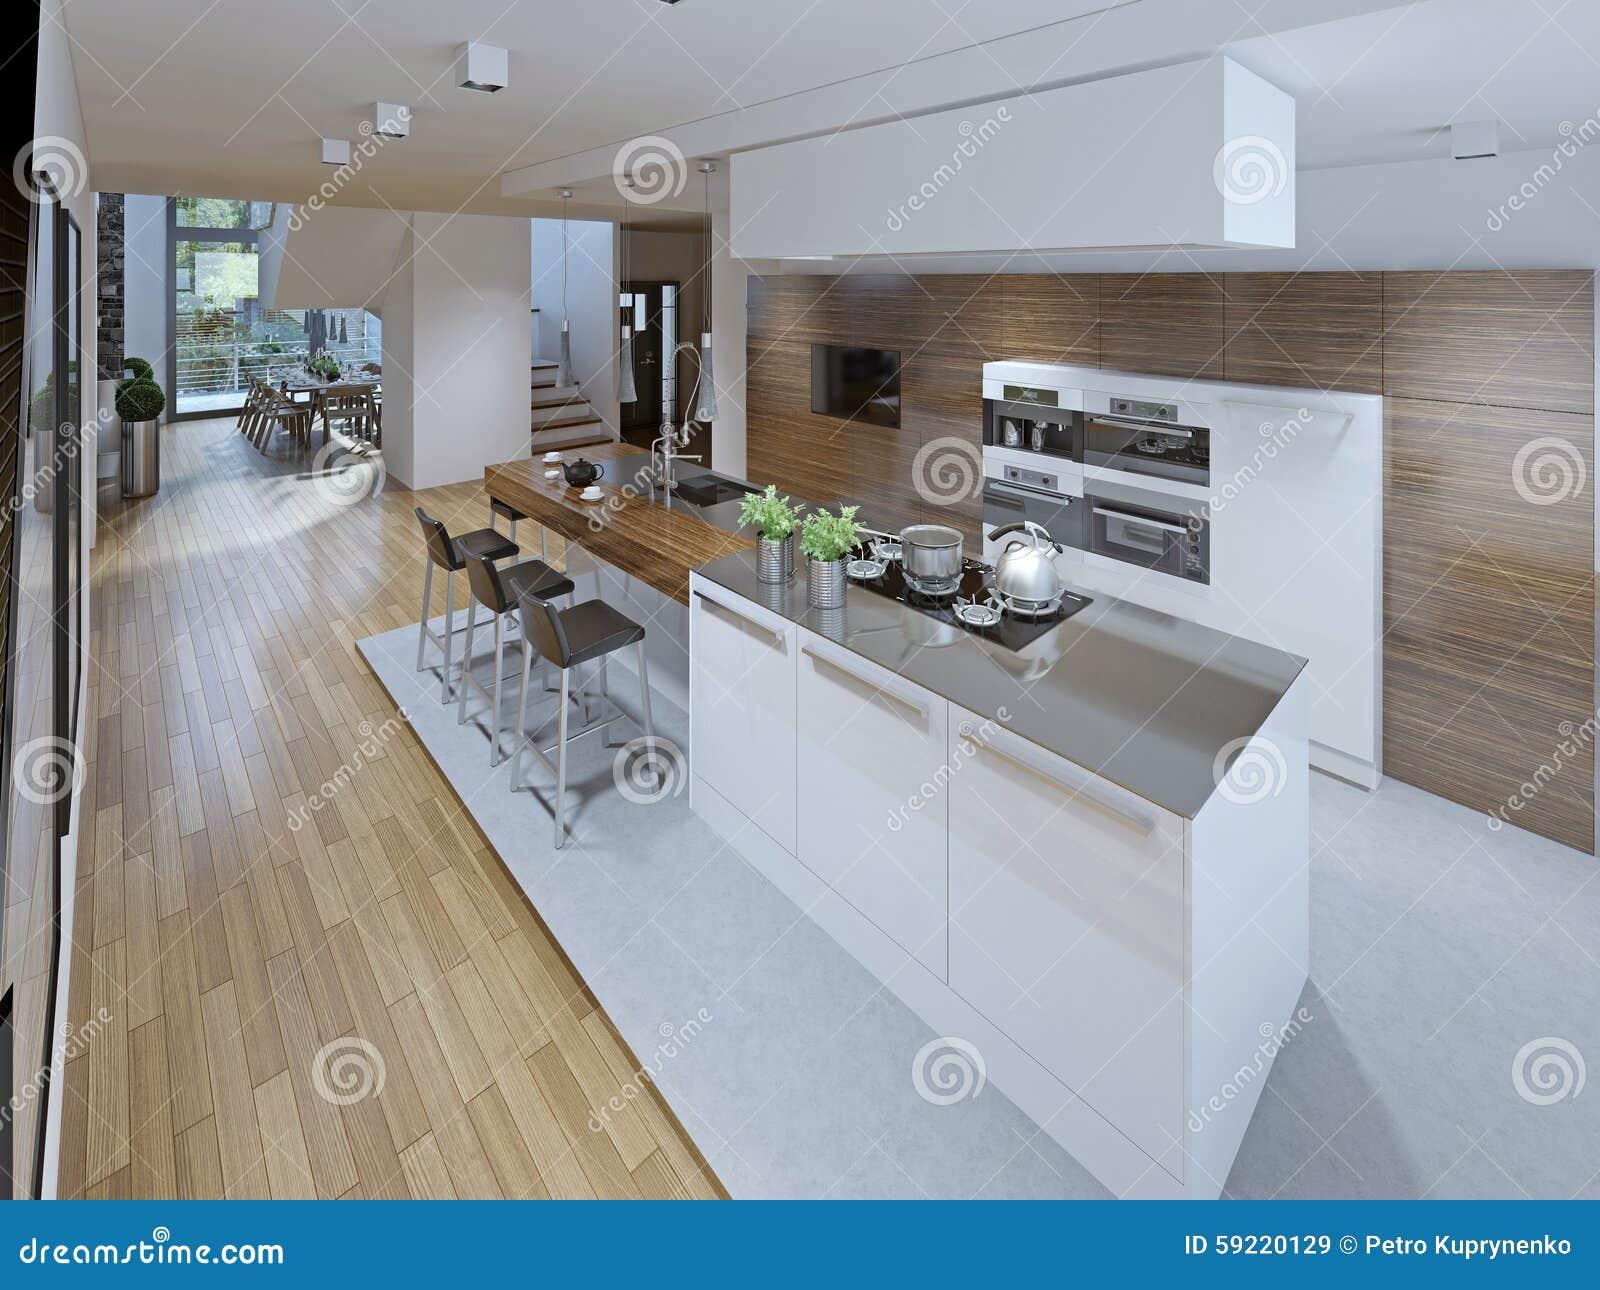 Diseño De Cocina Espaciosa Con La Isla Imagen de archivo - Imagen de ...